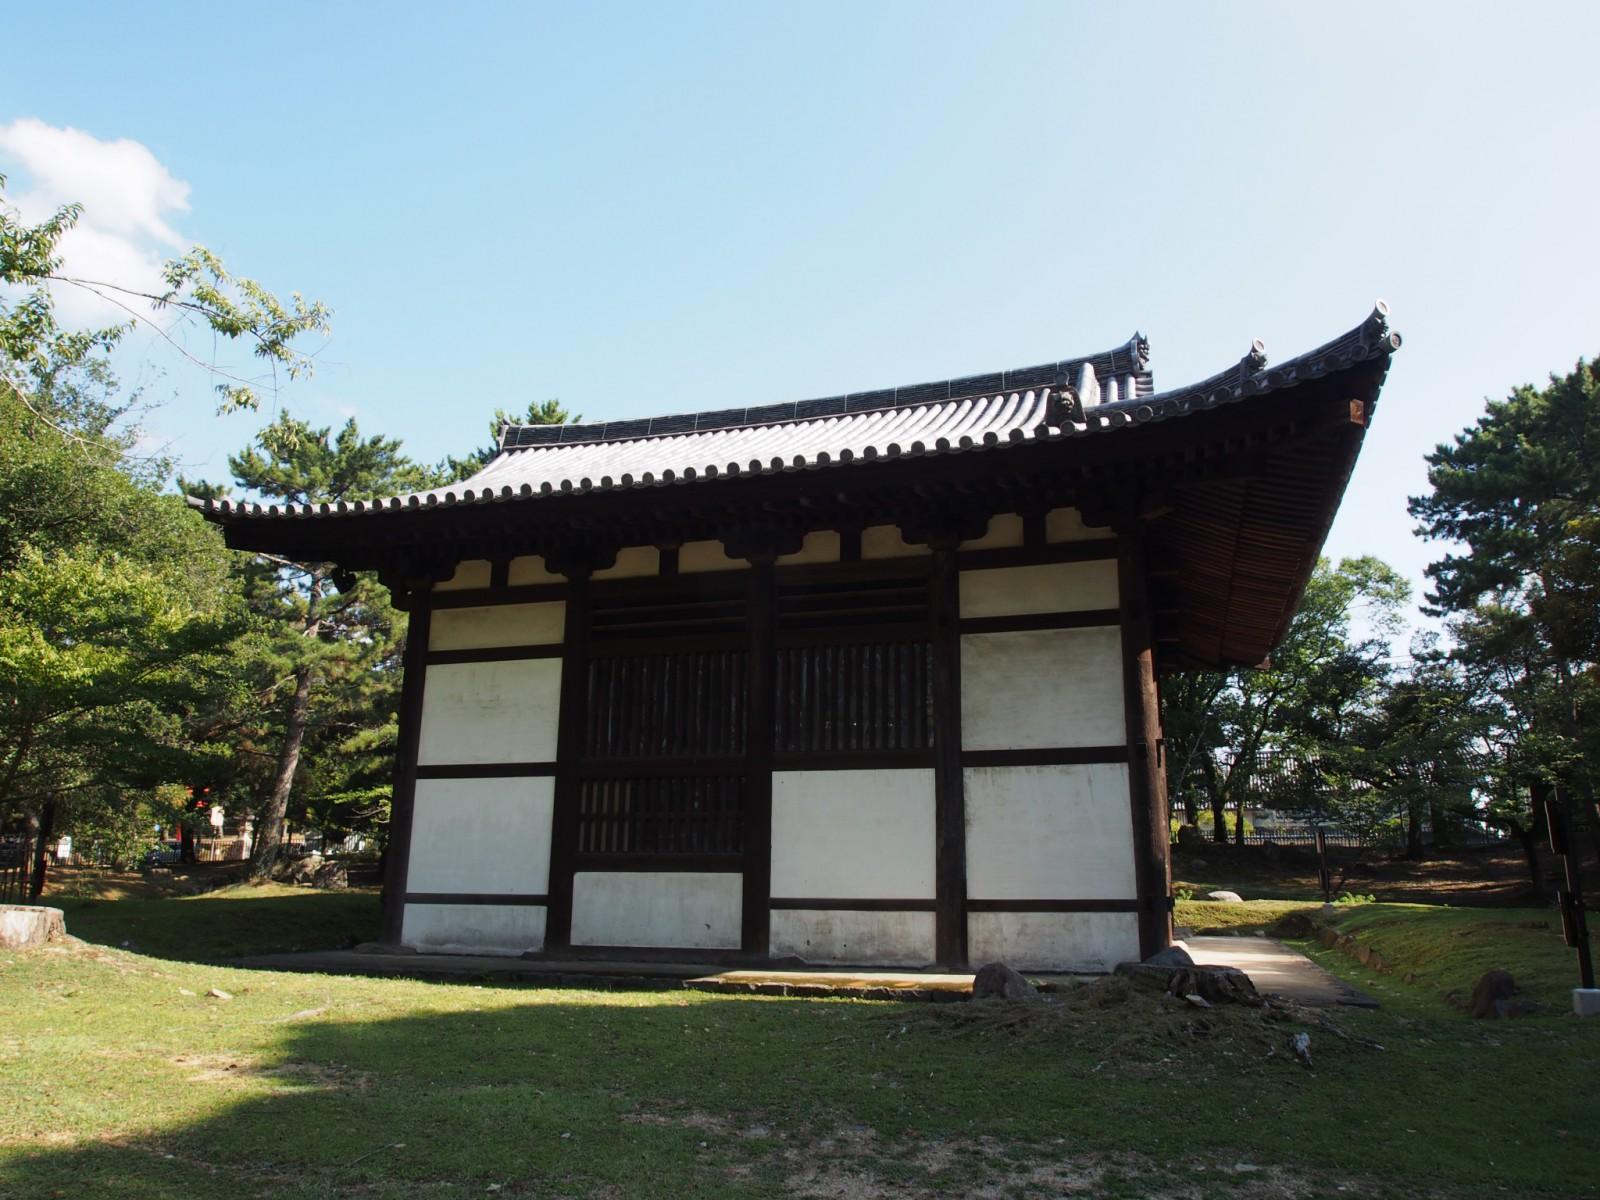 大湯屋を北側から望む(興福寺)